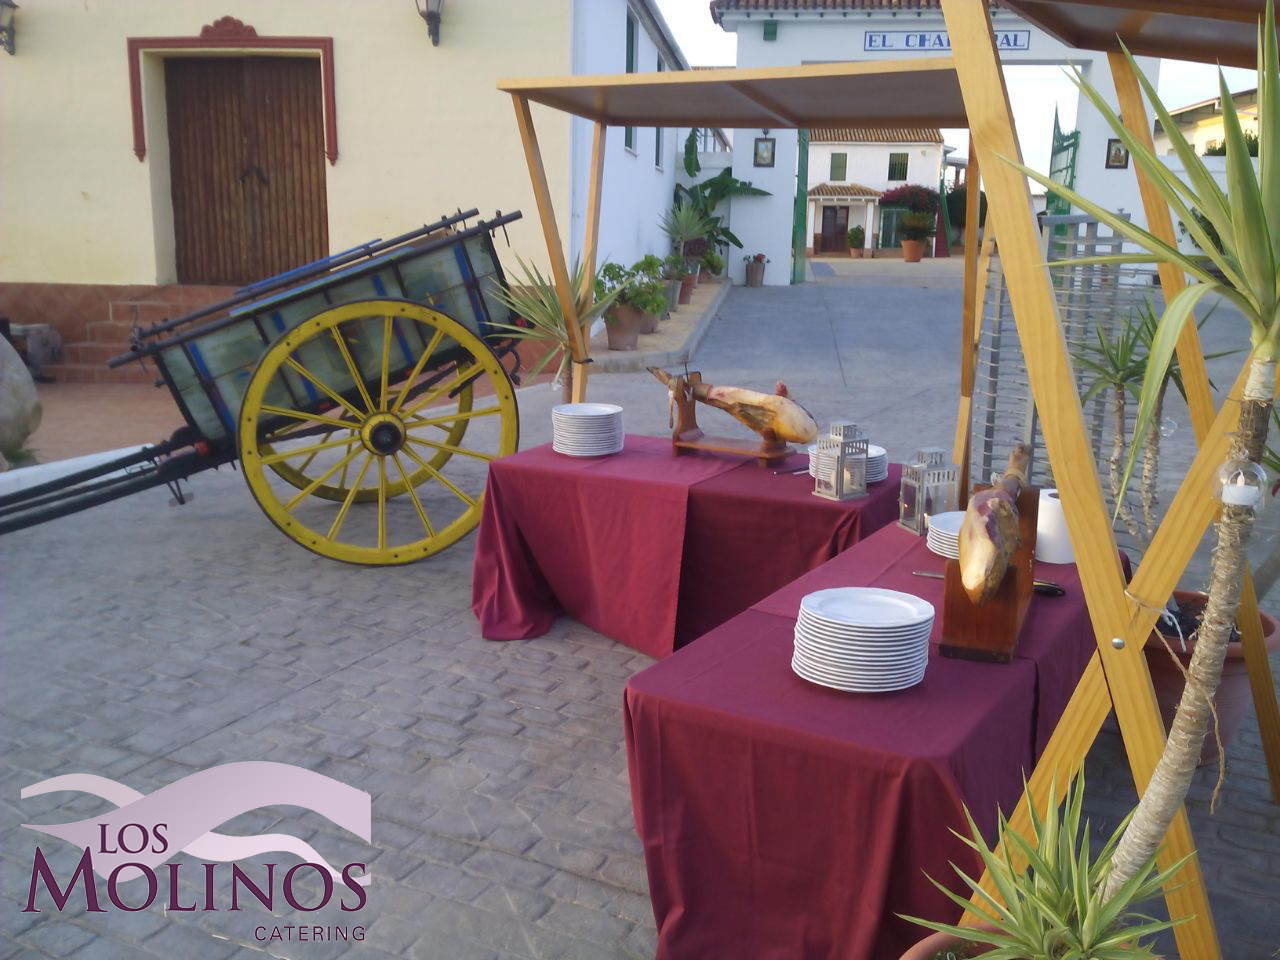 Servicio de Catering en Huelva